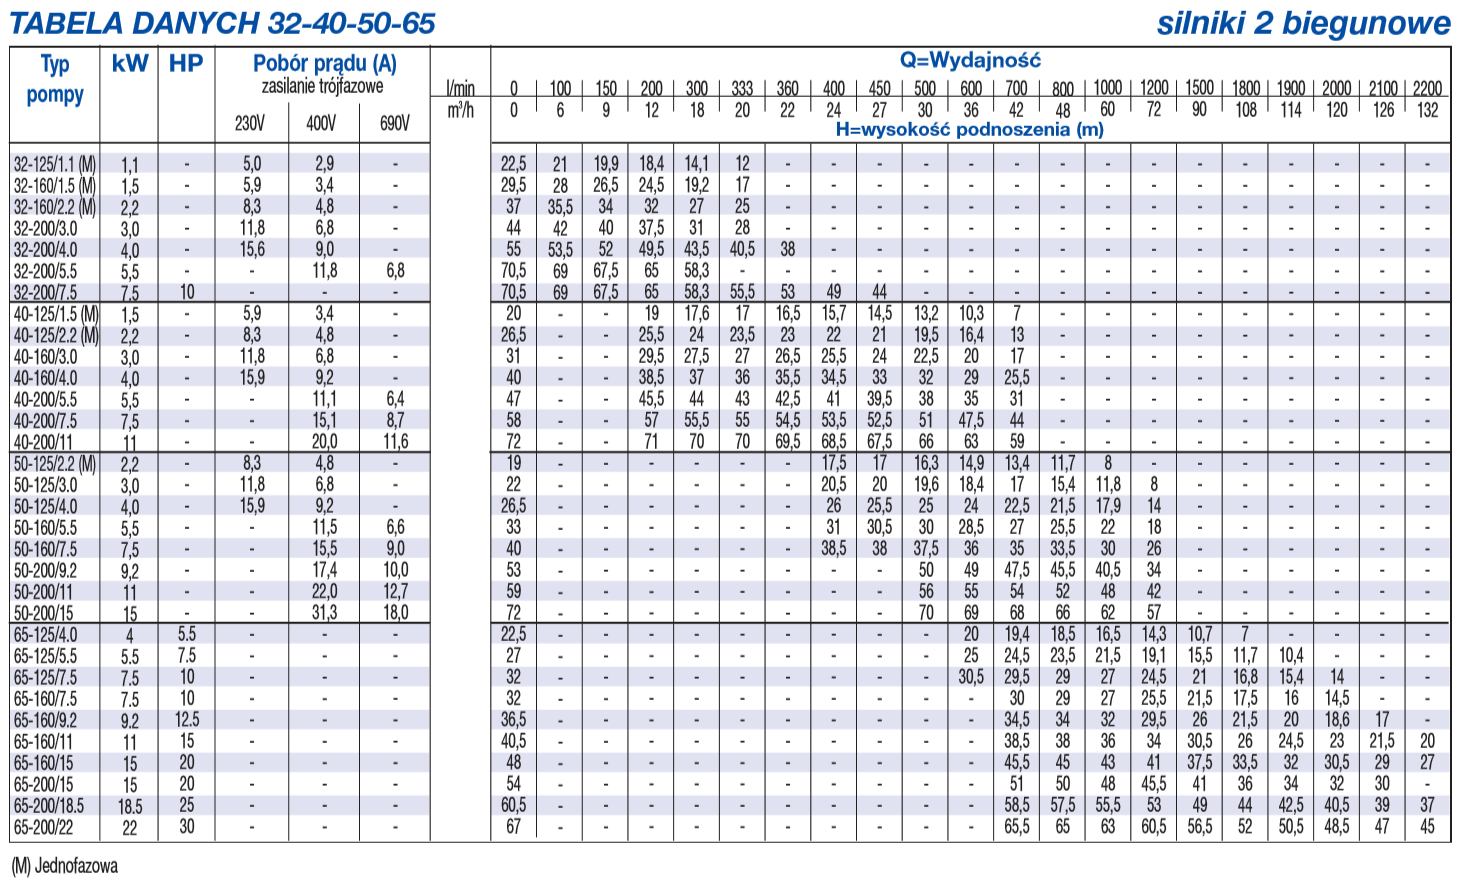 Tabela danych 3M 32-40-50-65 silniki 2 biegunowe